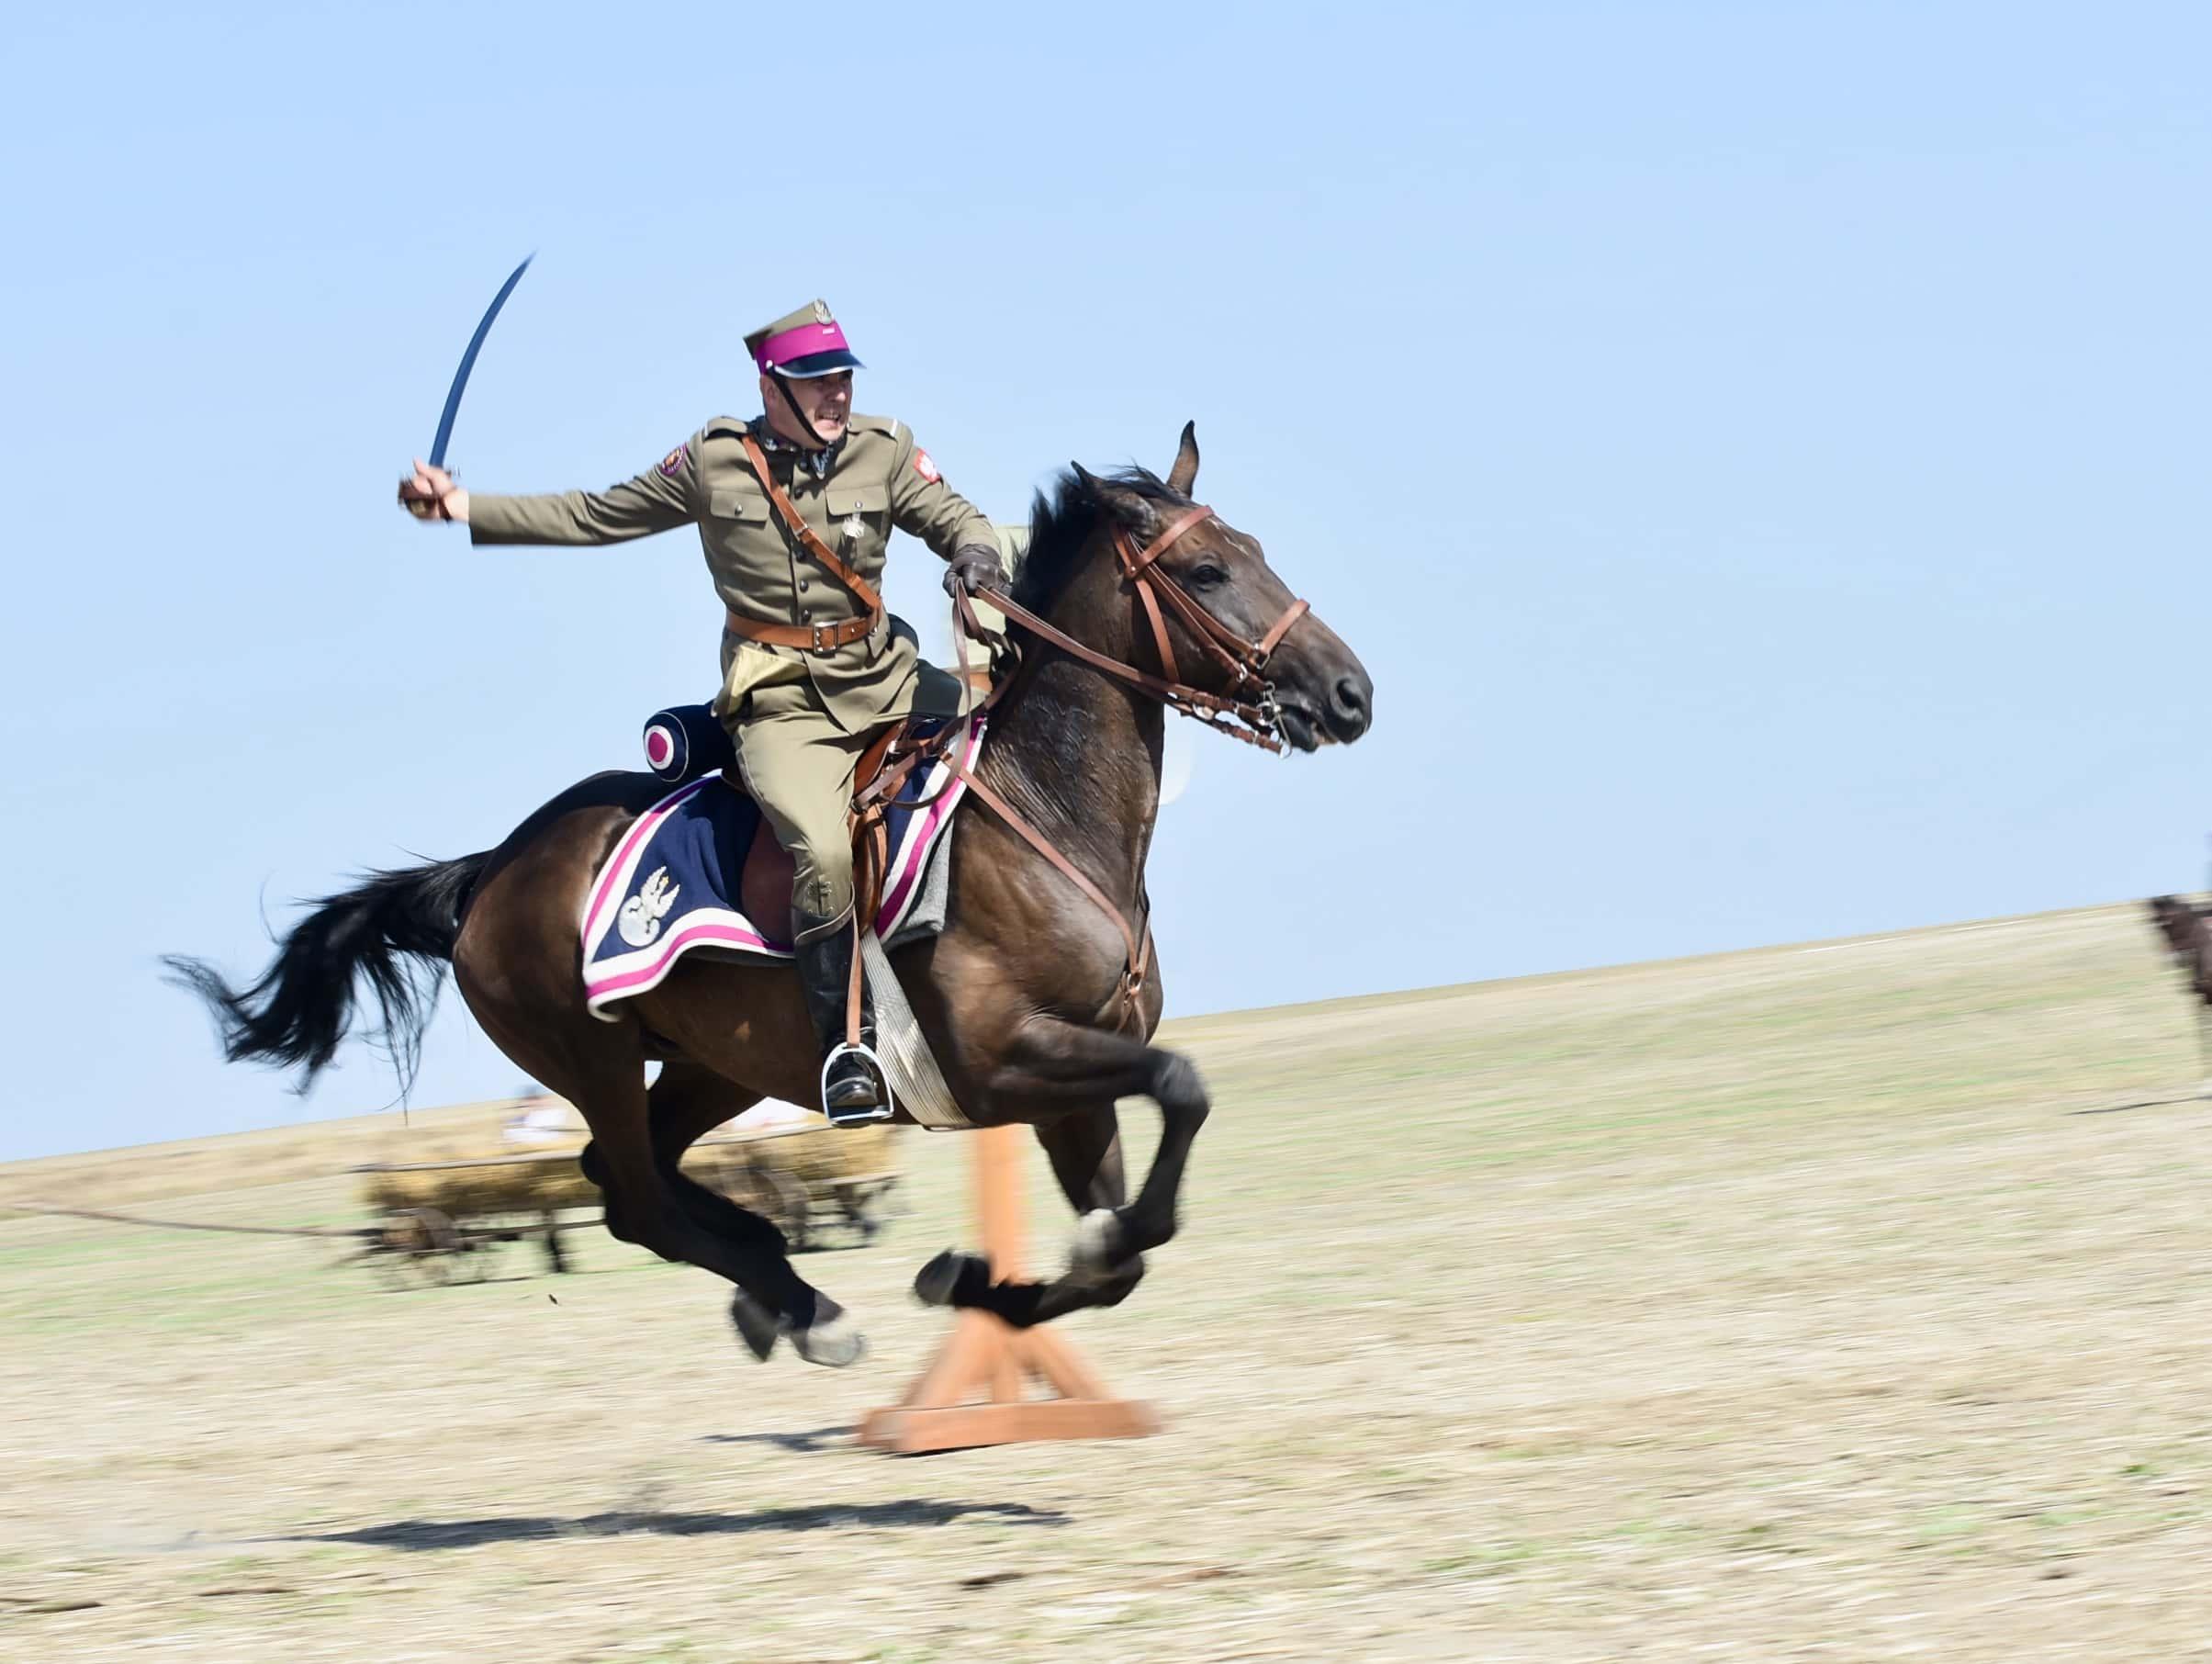 dsc 0697 Czas szabli - 100 rocznica bitwy pod Komarowem(zdjęcia)